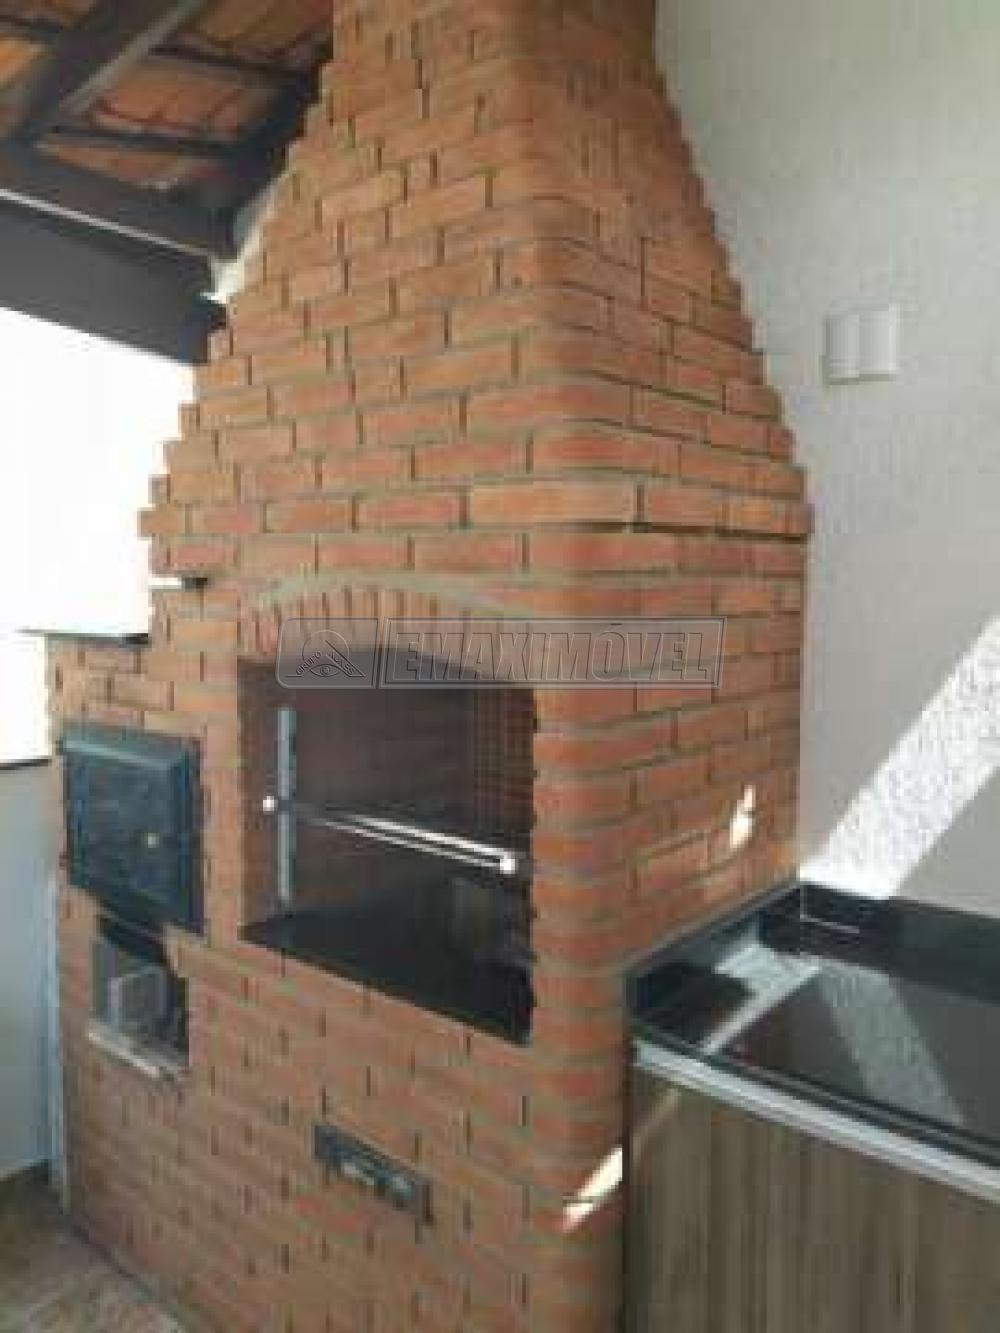 Comprar Casas / em Bairros em Sorocaba apenas R$ 275.000,00 - Foto 10